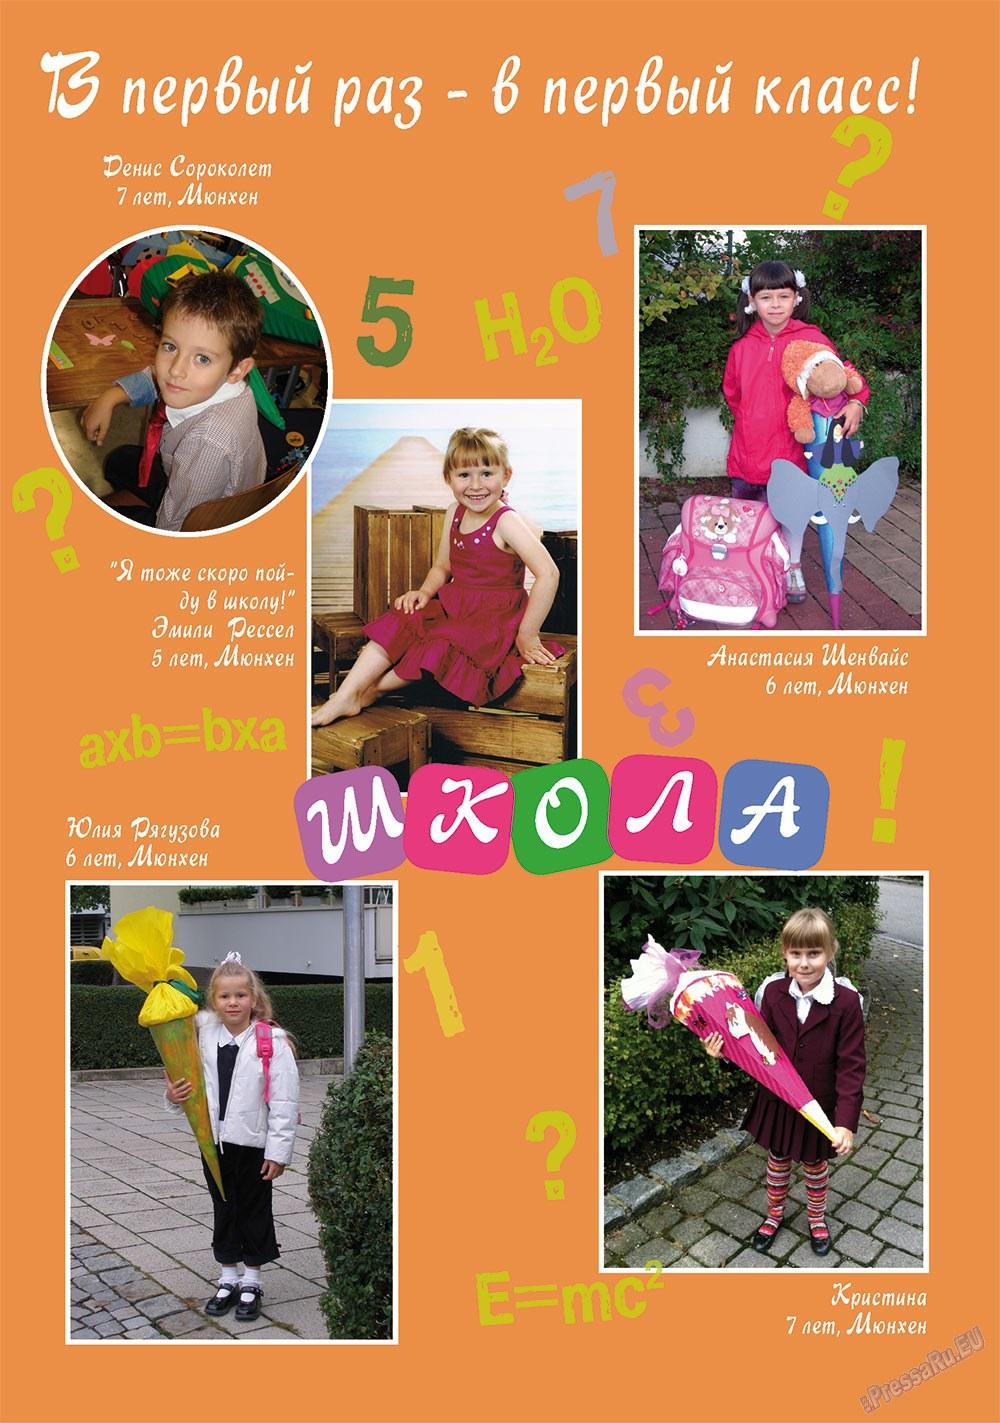 Апельсин (журнал). 2011 год, номер 27, стр. 47